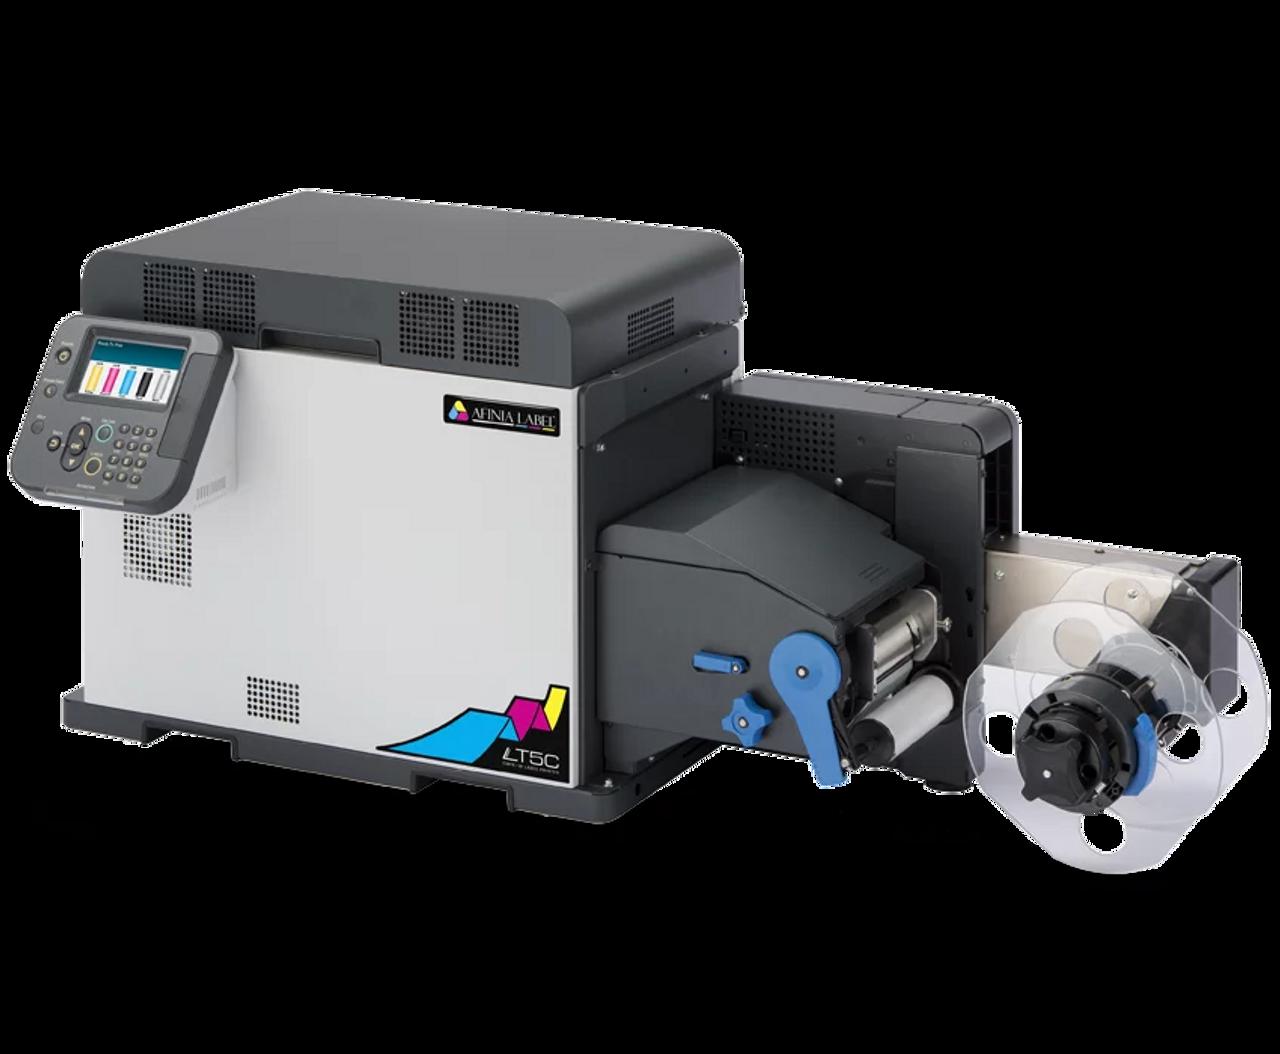 Afinia LT5C LED Label Printer CMYK+W 120v (AL-36138)